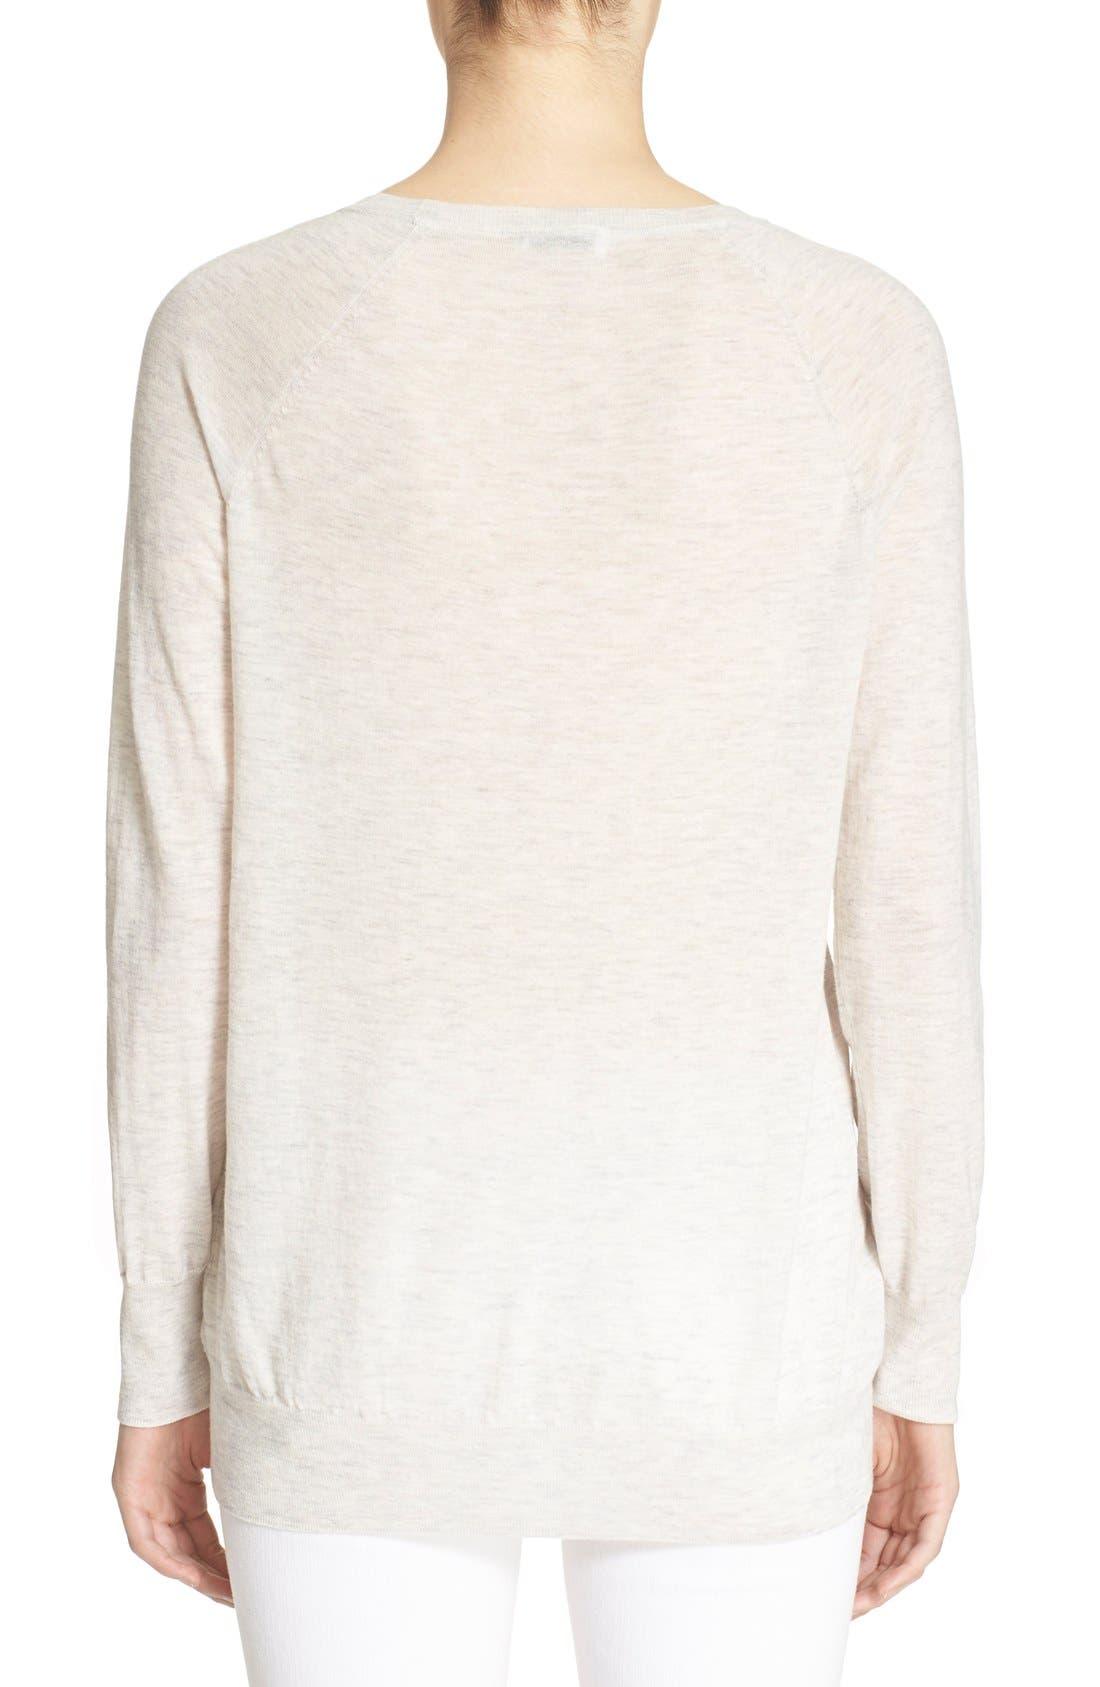 Alternate Image 2  - Equipment 'Asher' V-Neck Sweater